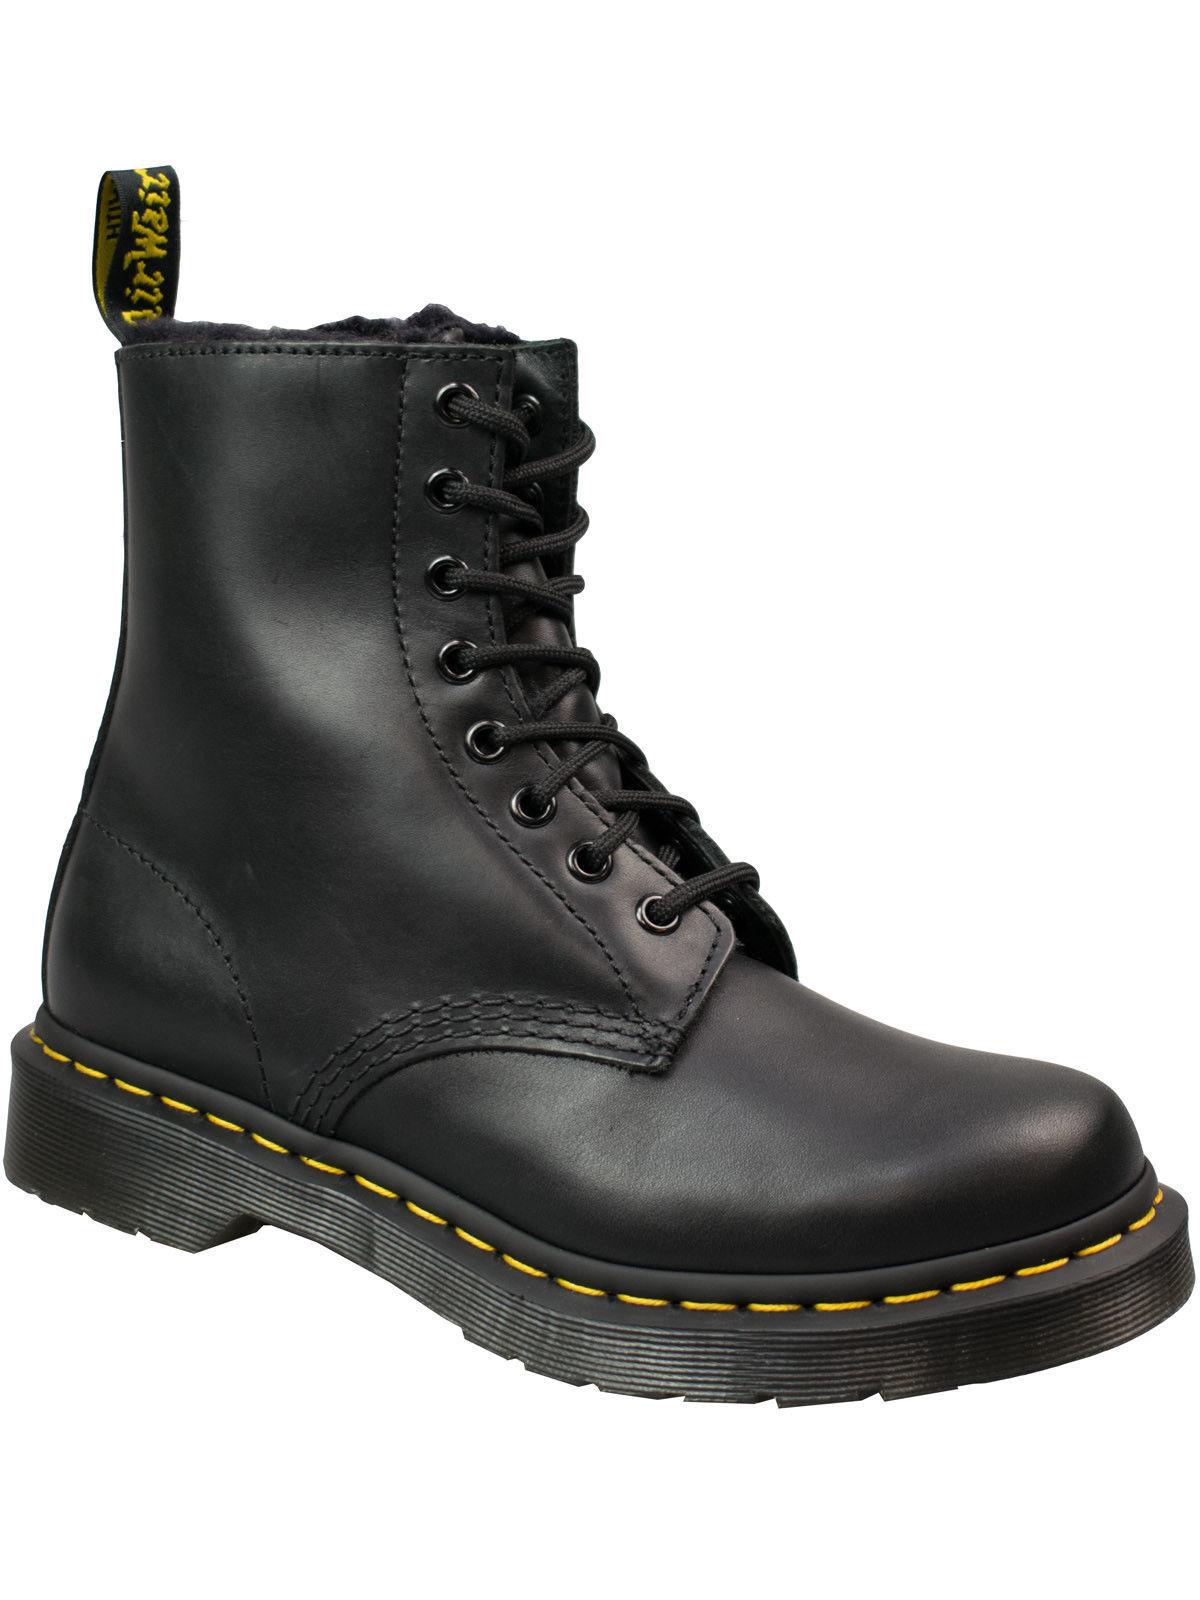 Dr. Martens botas doc serena botas de invierno negro forrado